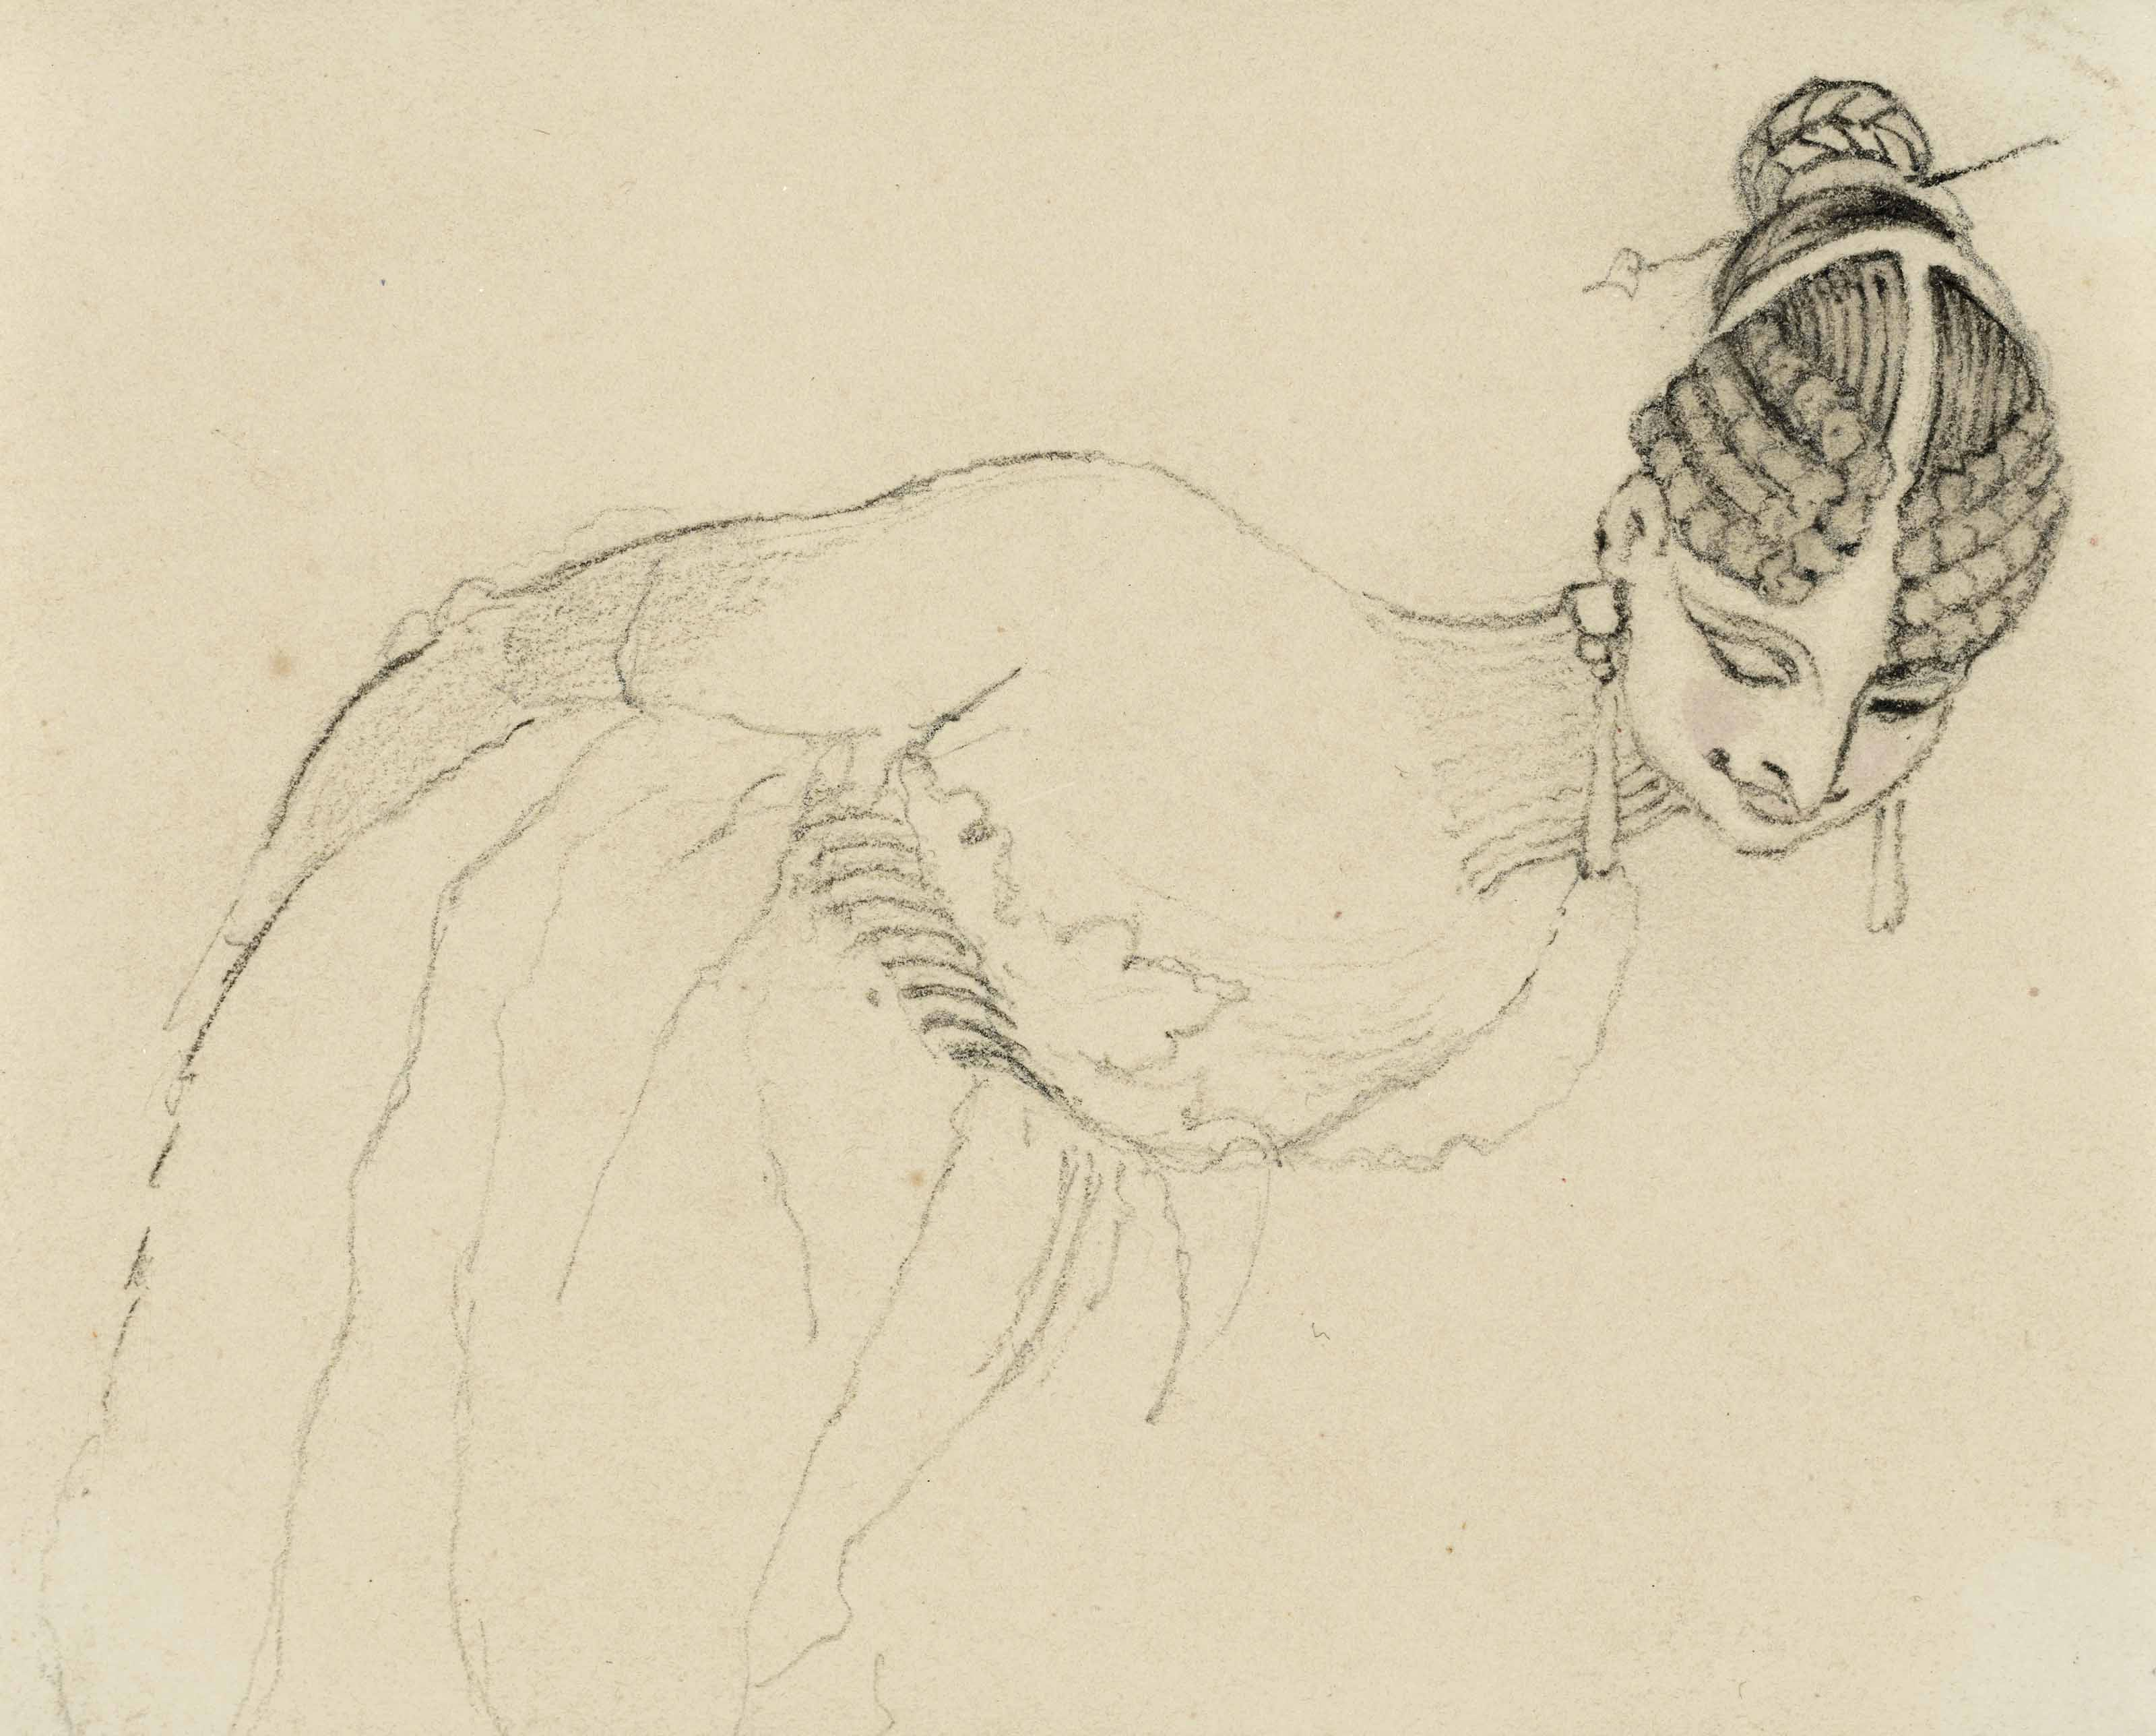 Jeune femme penchée en avant, possiblement Harriot Mellon